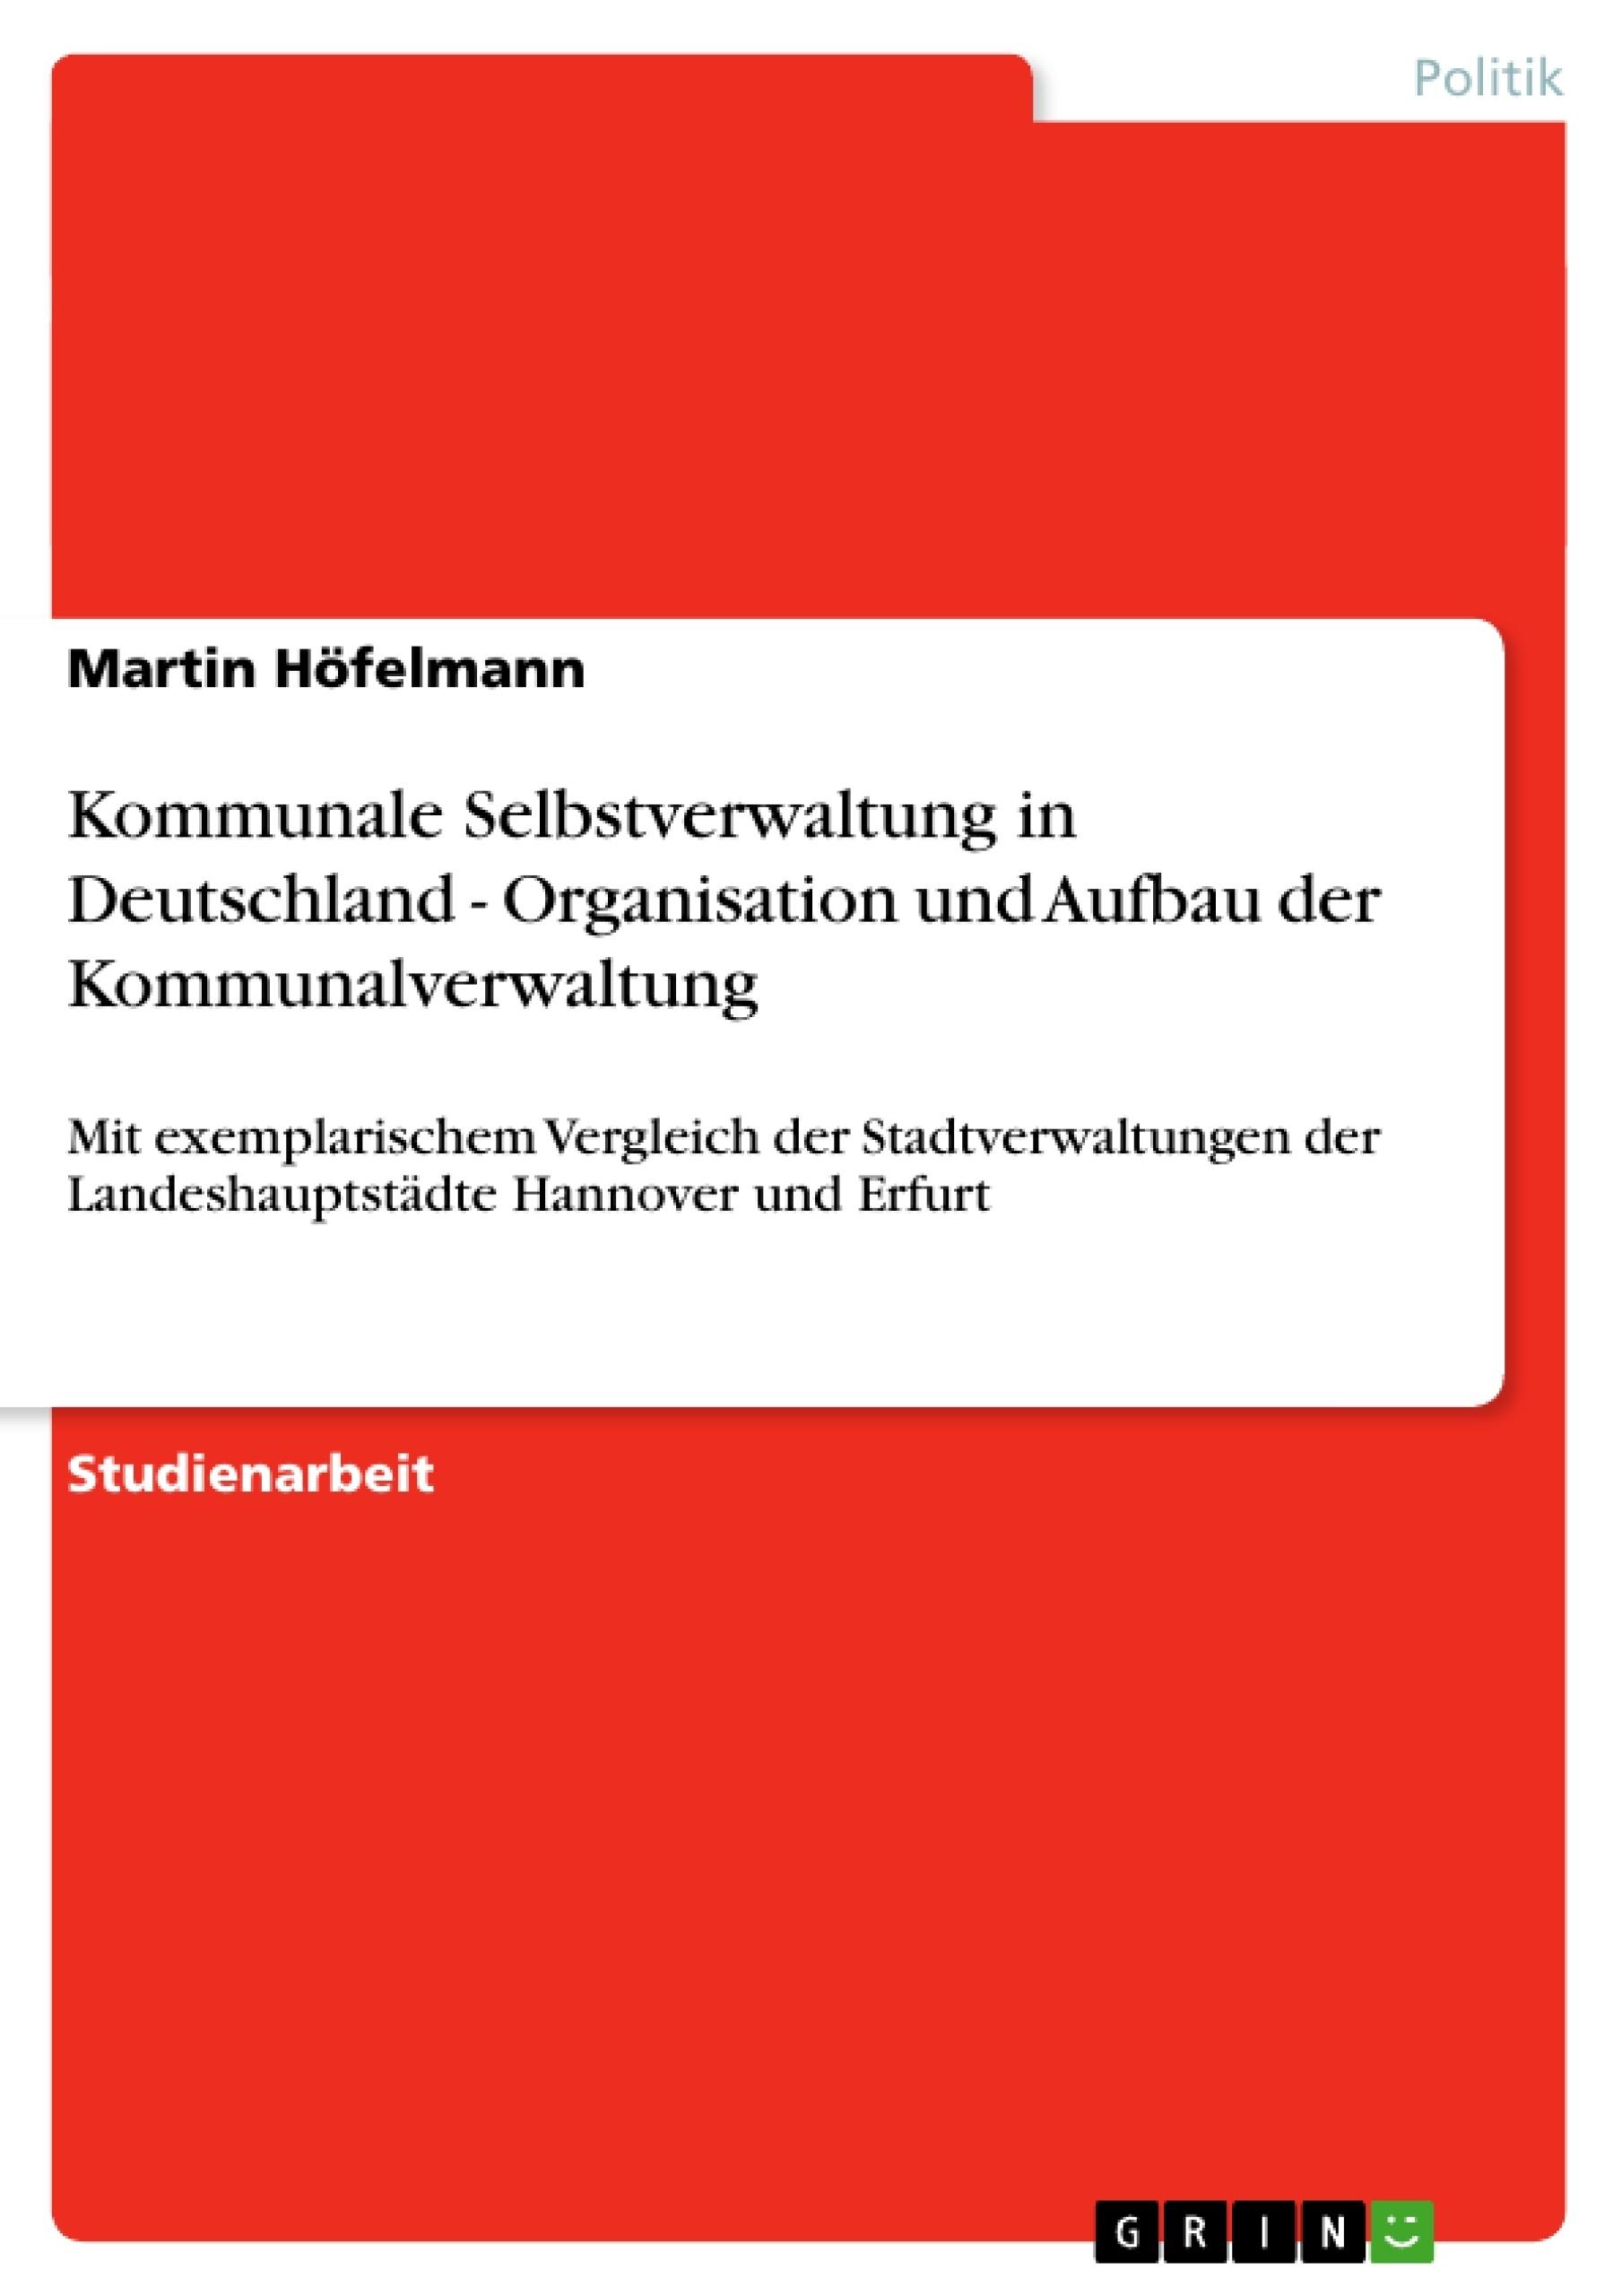 Titel: Kommunale Selbstverwaltung in Deutschland - Organisation und Aufbau der Kommunalverwaltung